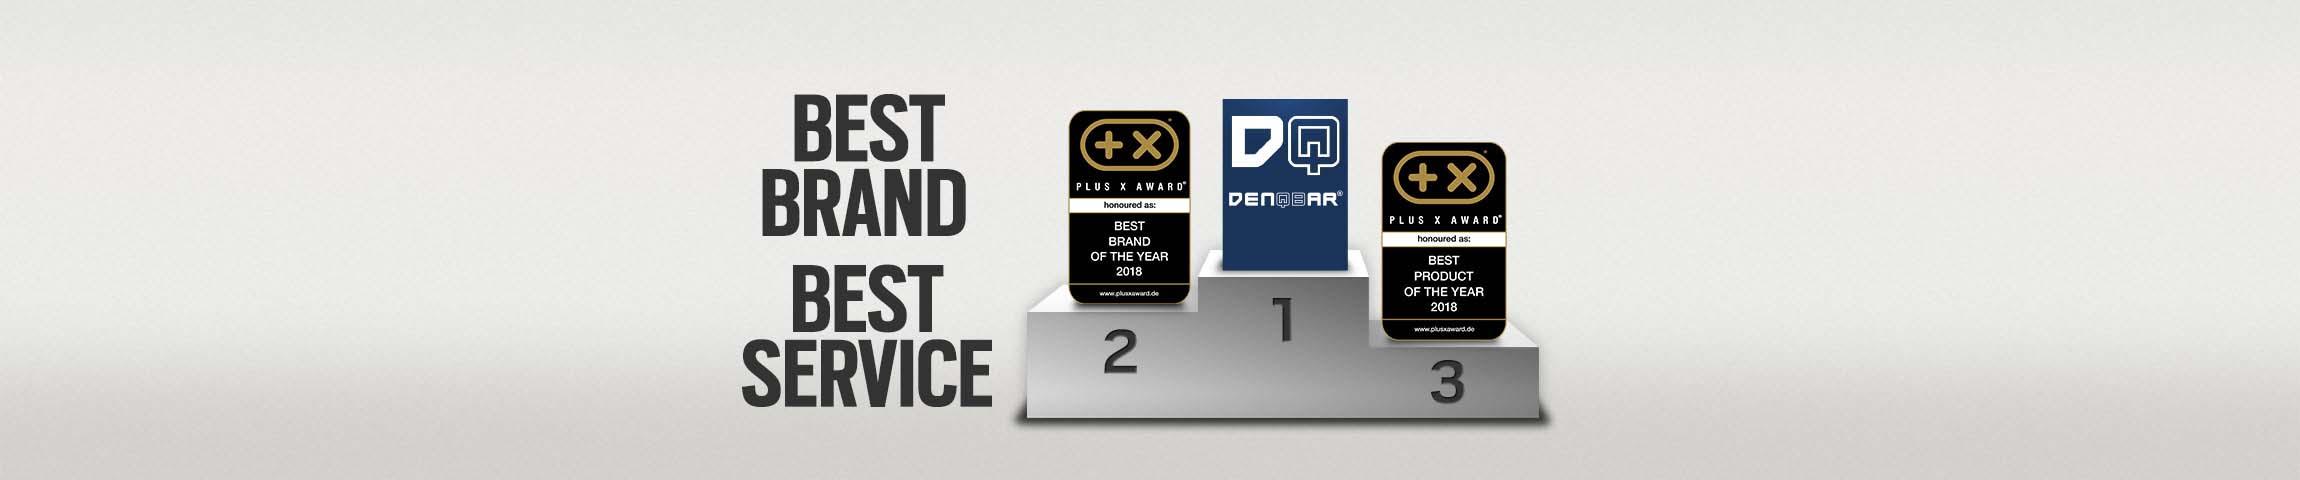 Best brand - Best service